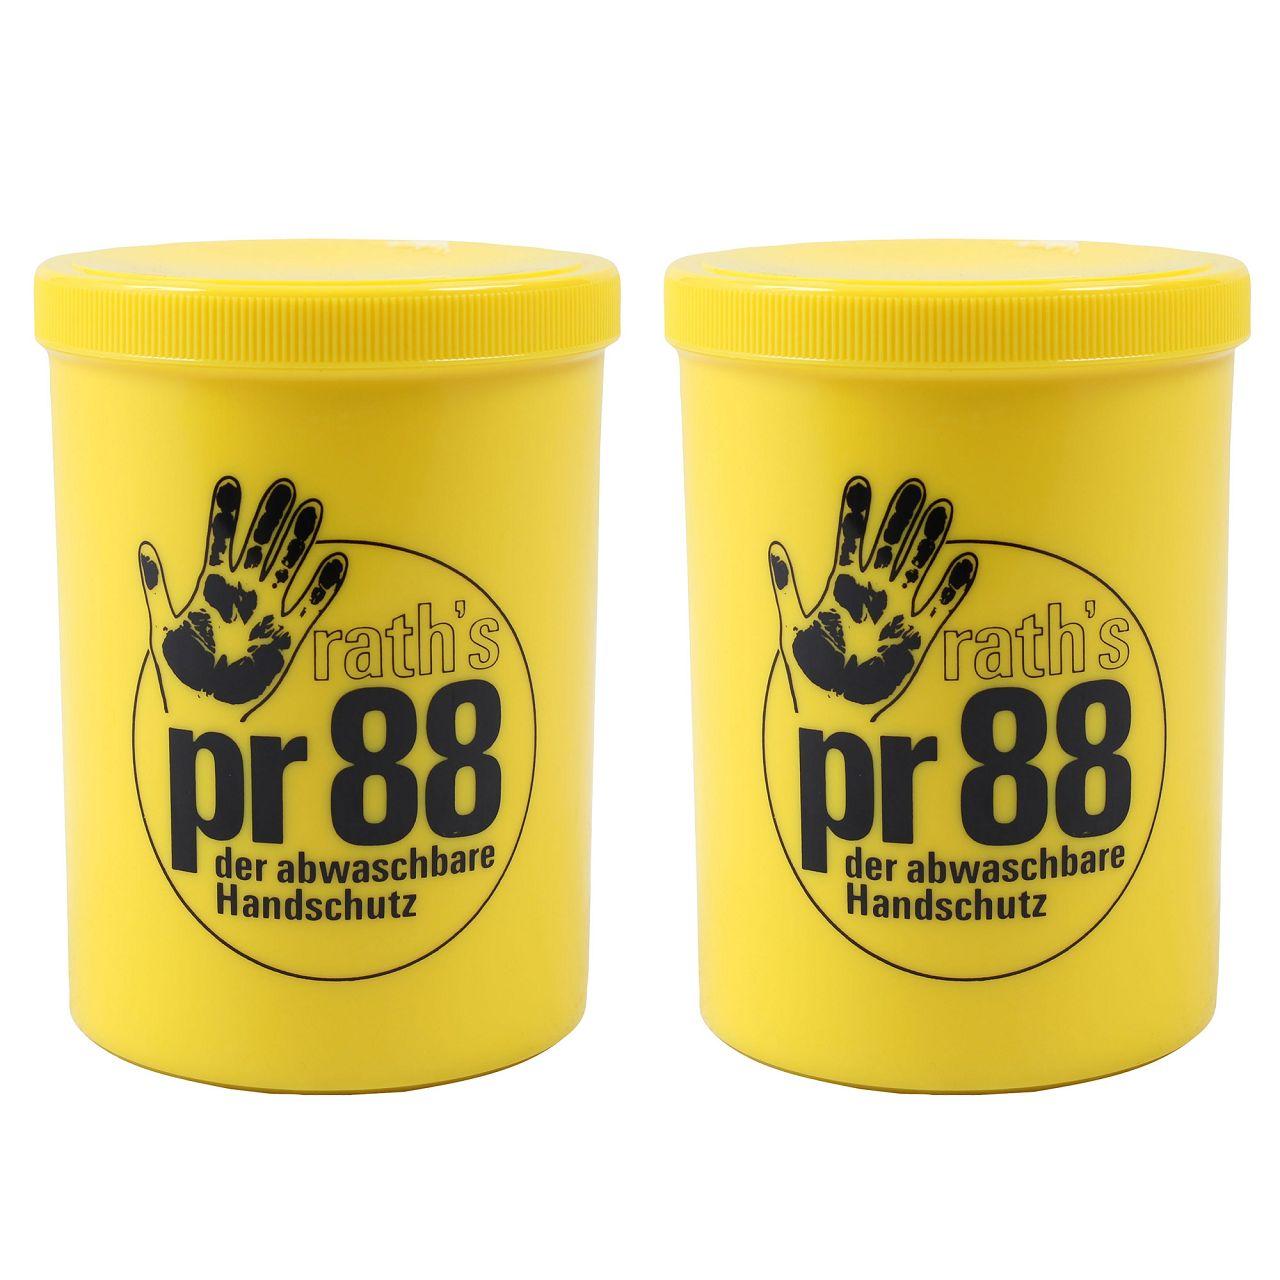 2x 1L 1 Liter RATH's Creme PR 88 Hautschutz der abwaschbare Handschuh Handcreme